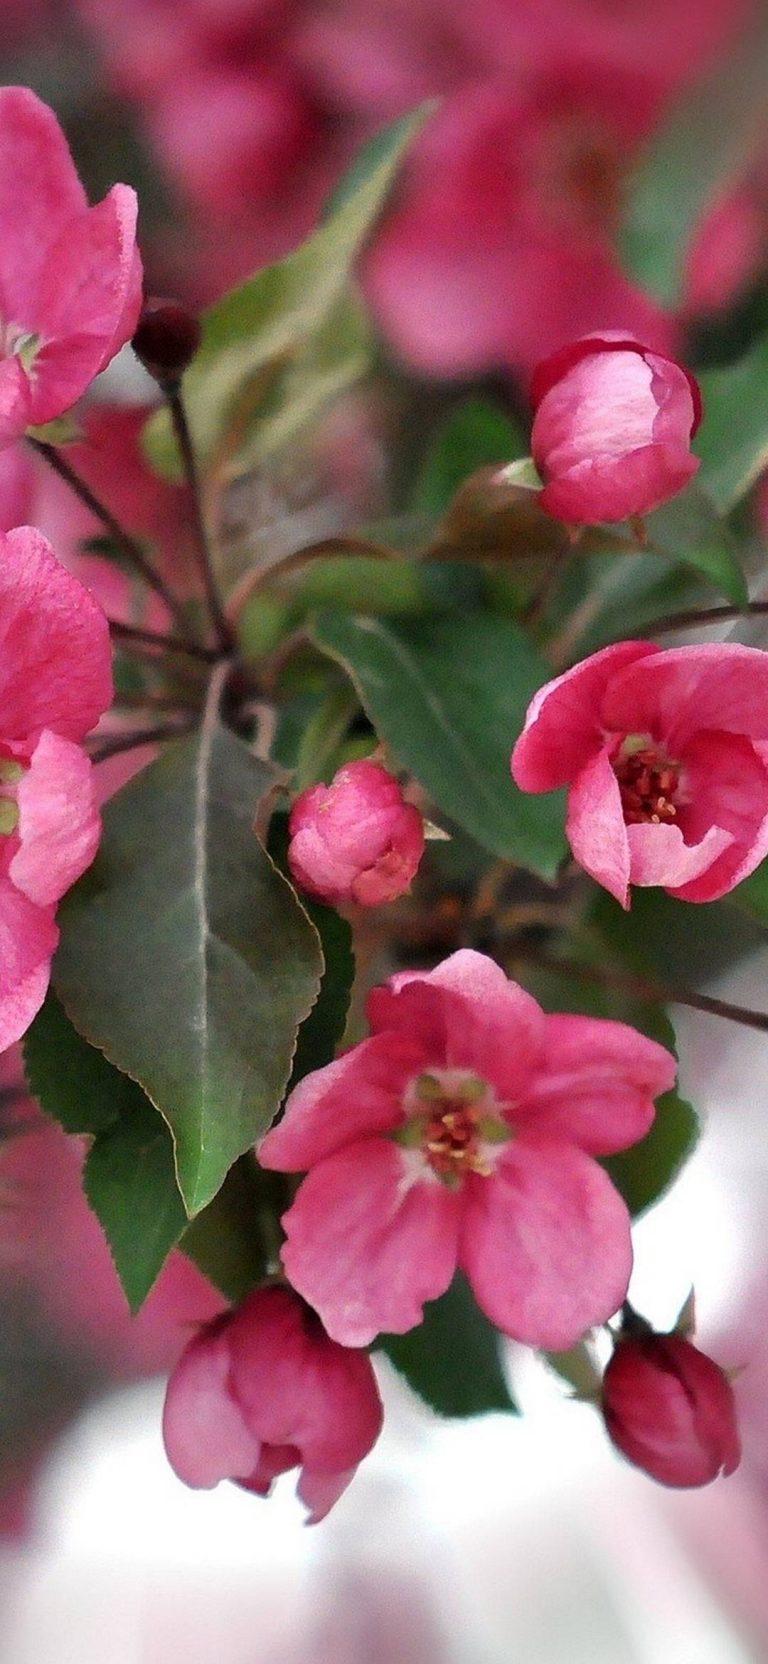 Color Pink Petals 1080x2340 768x1664